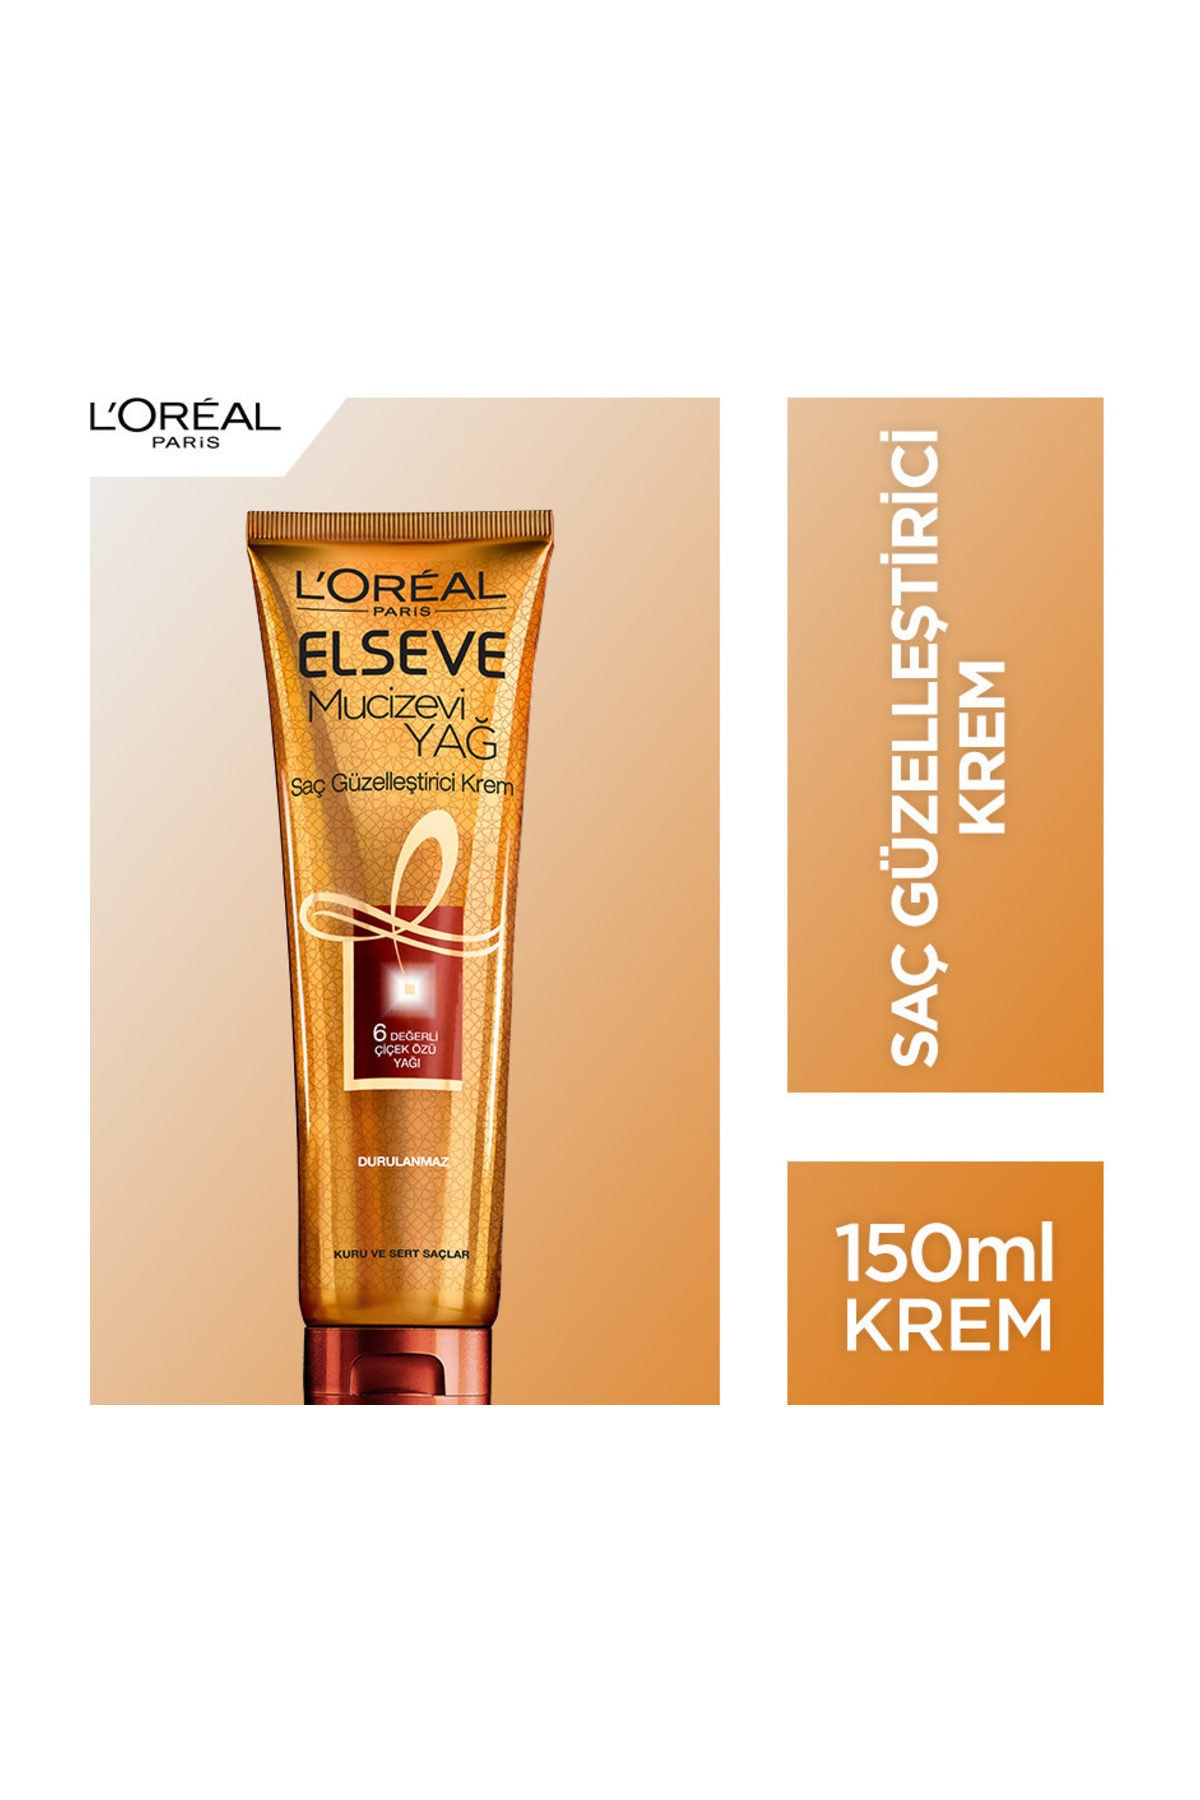 L'Oreal Paris Elseve Mucizevi Yağ Saç Güzelleştirici Krem 150 Ml (Kuru Ve Sert Saçlar İçin) 1